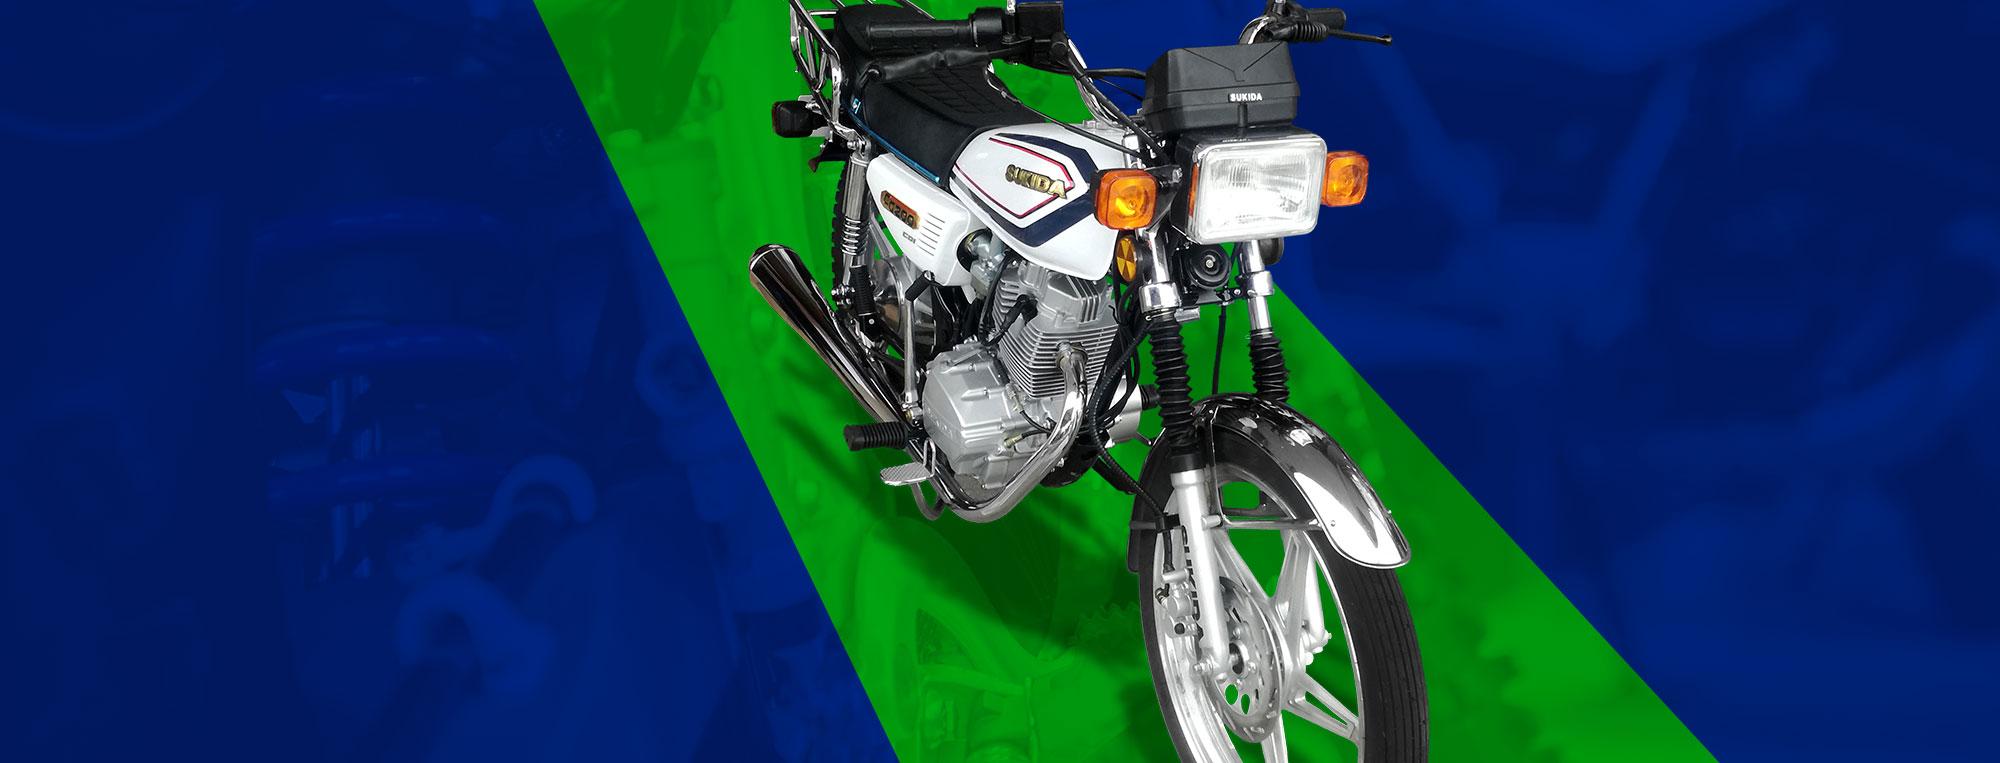 Promoción Motoschool Te Pone Sobre Ruedas